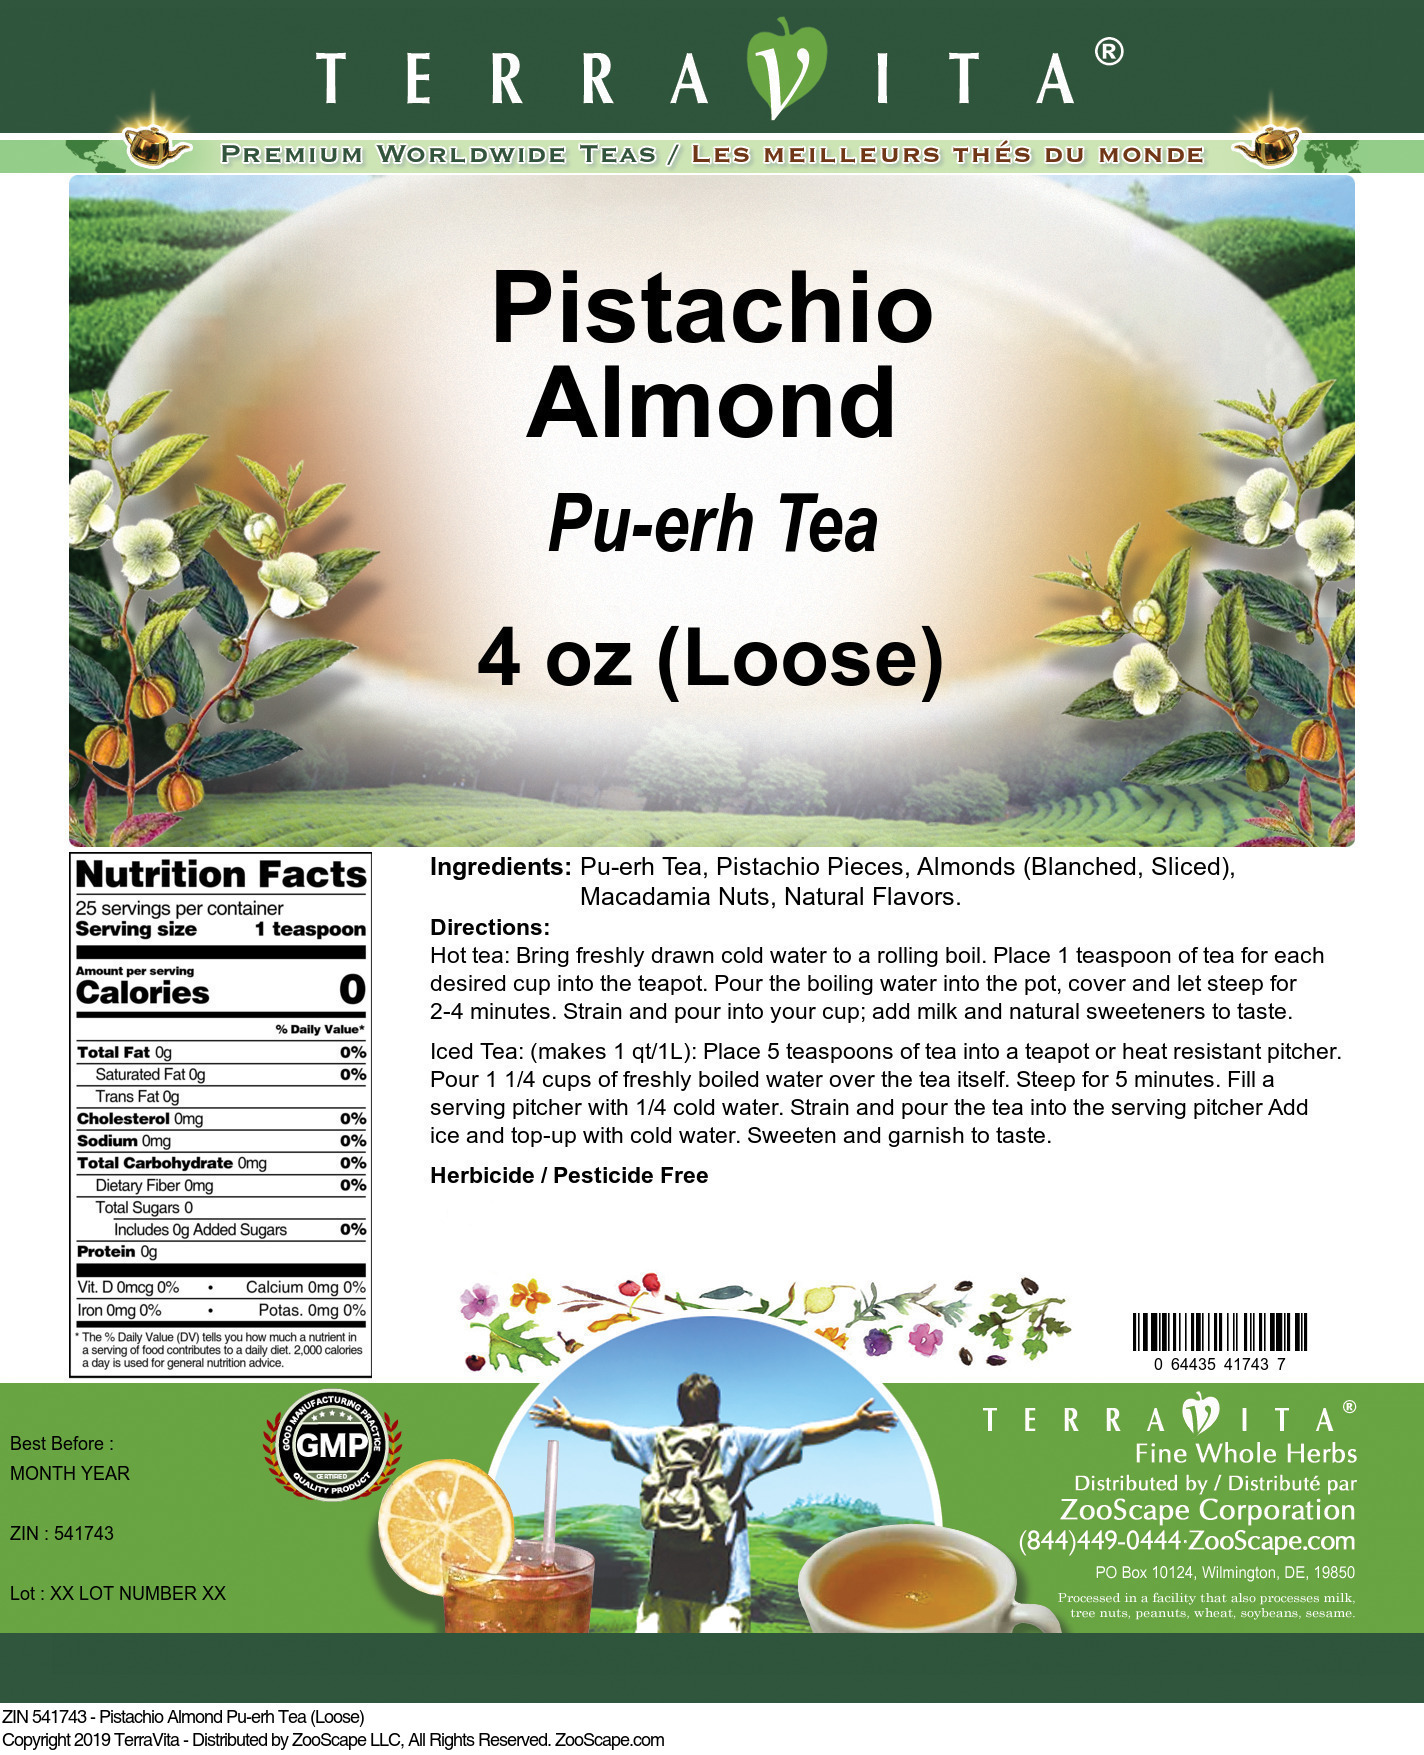 Pistachio Almond Pu-erh Tea (Loose)